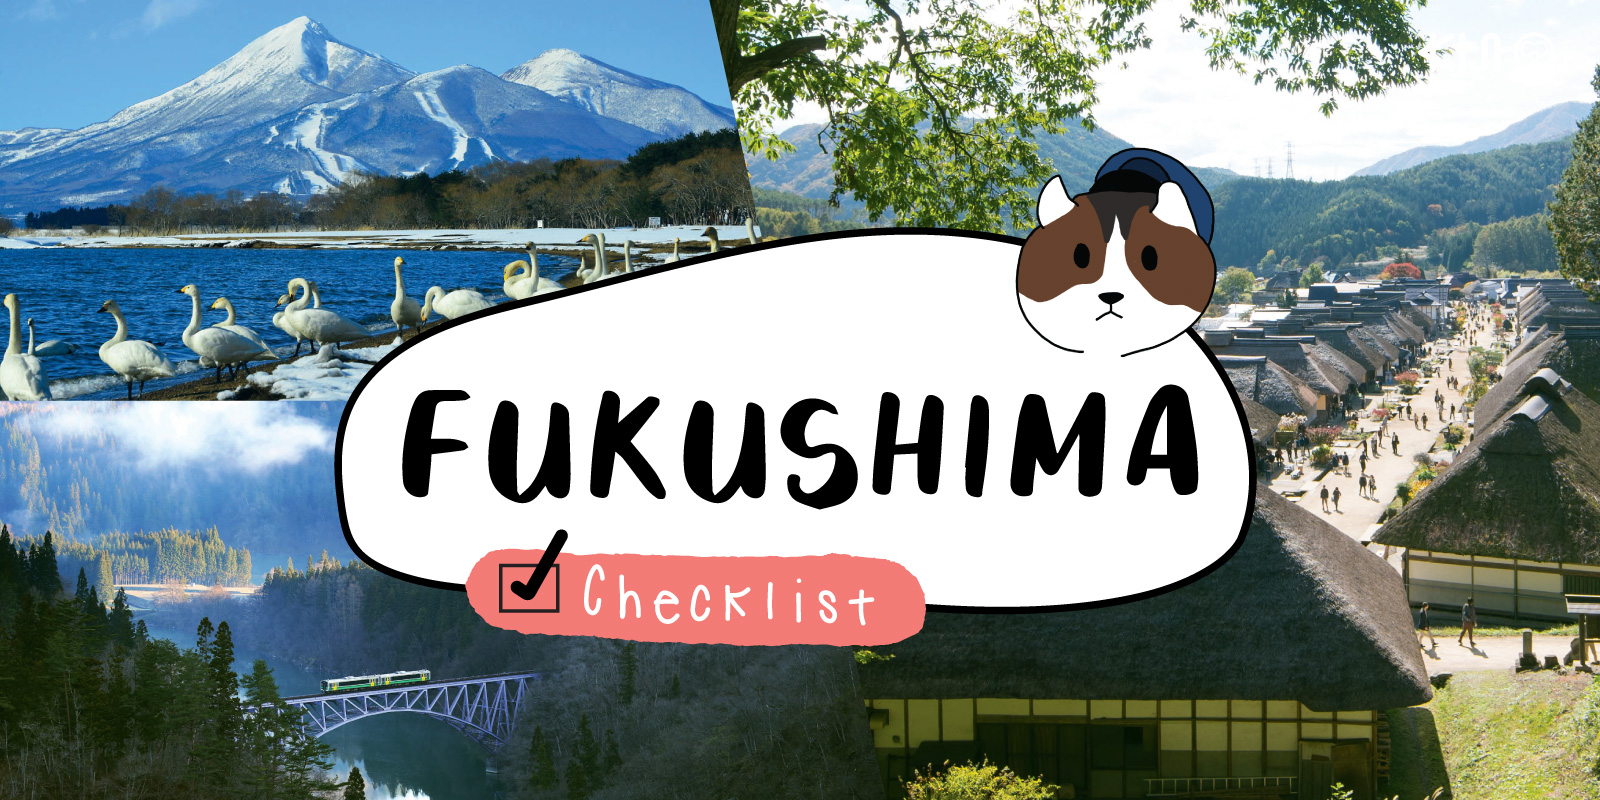 ที่เที่ยวฟุกุชิมะ (Fukushima)